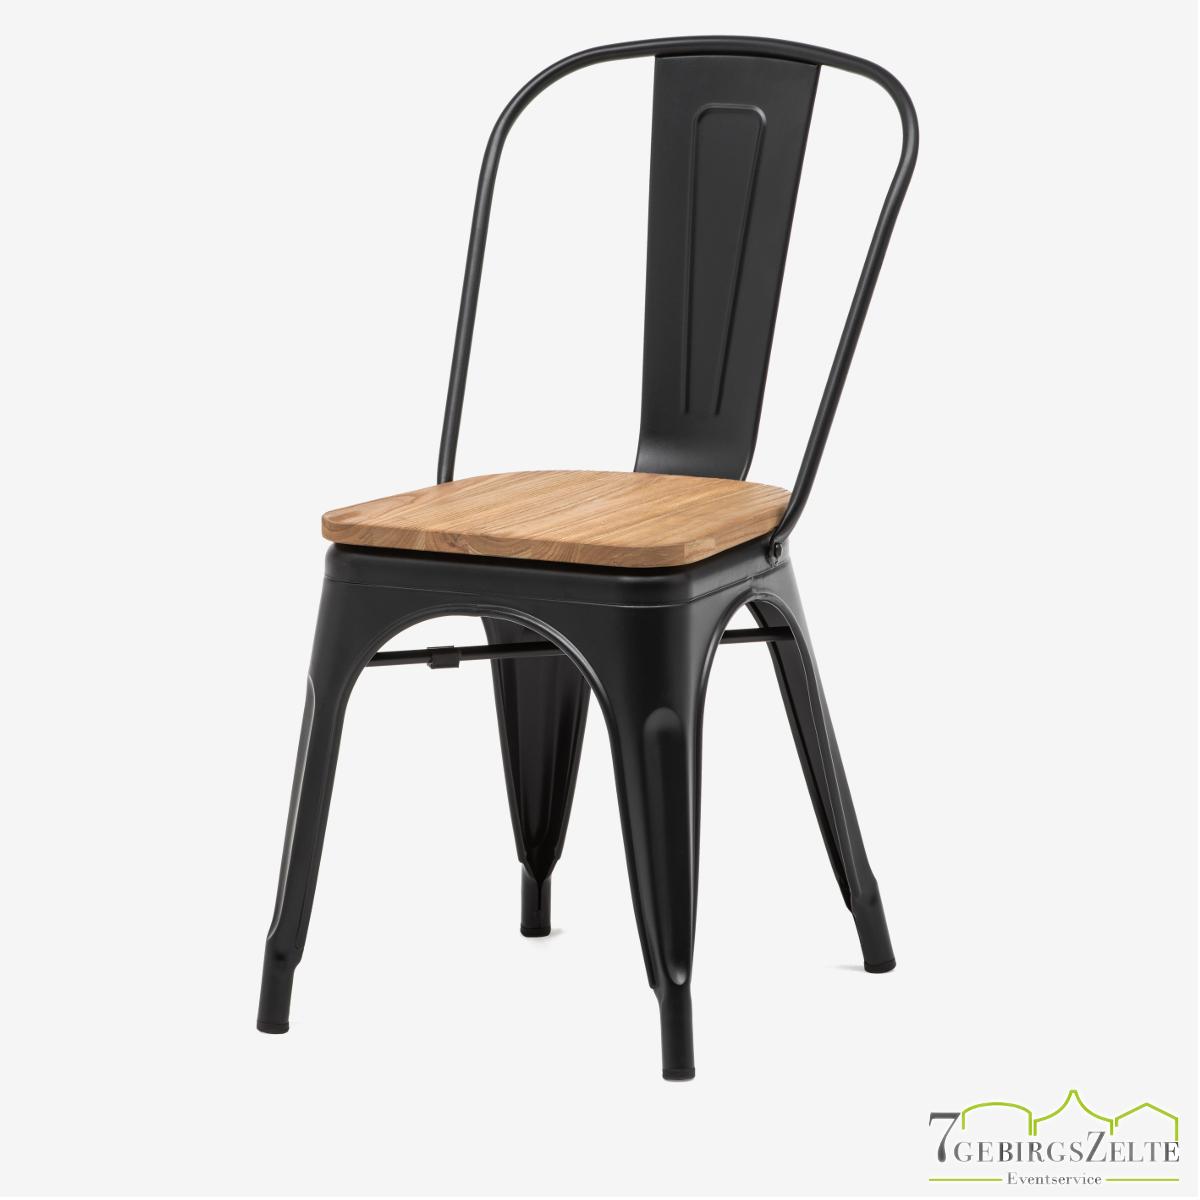 Tolix Stuhl, Stahl schwarz; mit Rückenlehne und Sitzfläche natürliche Ulme